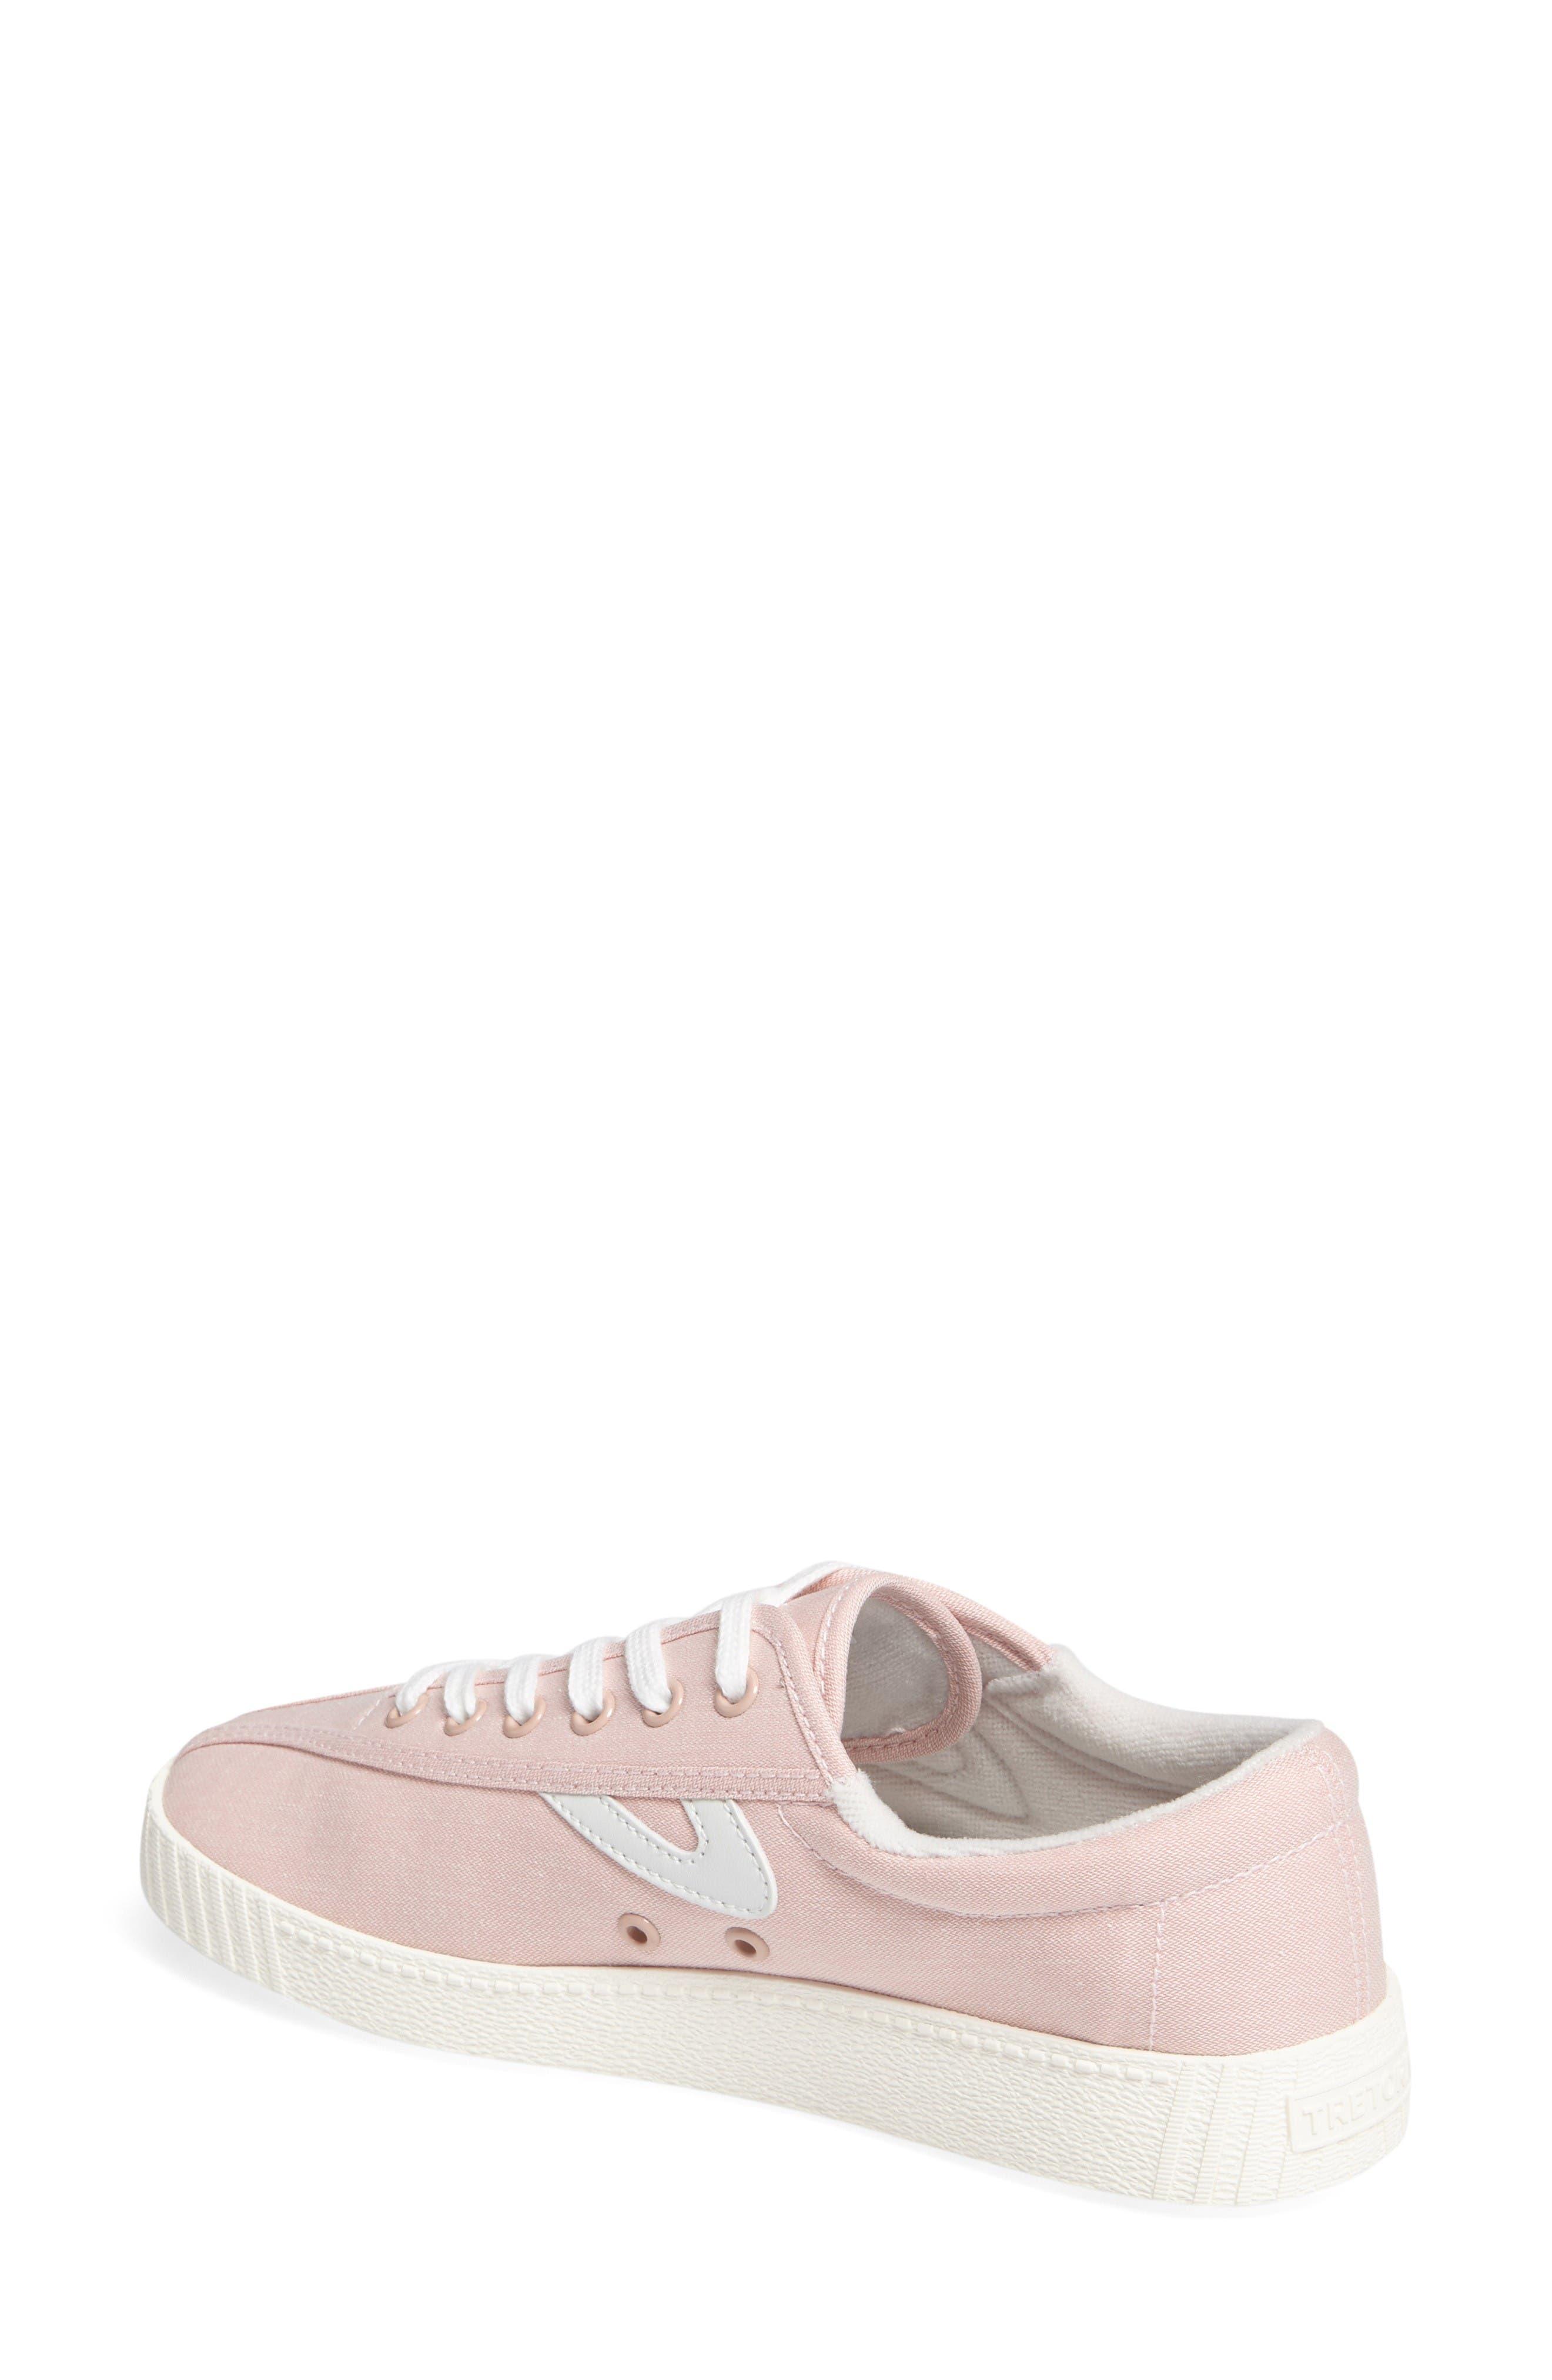 Alternate Image 2  - Tretorn 'Nylite' Sneaker (Women)